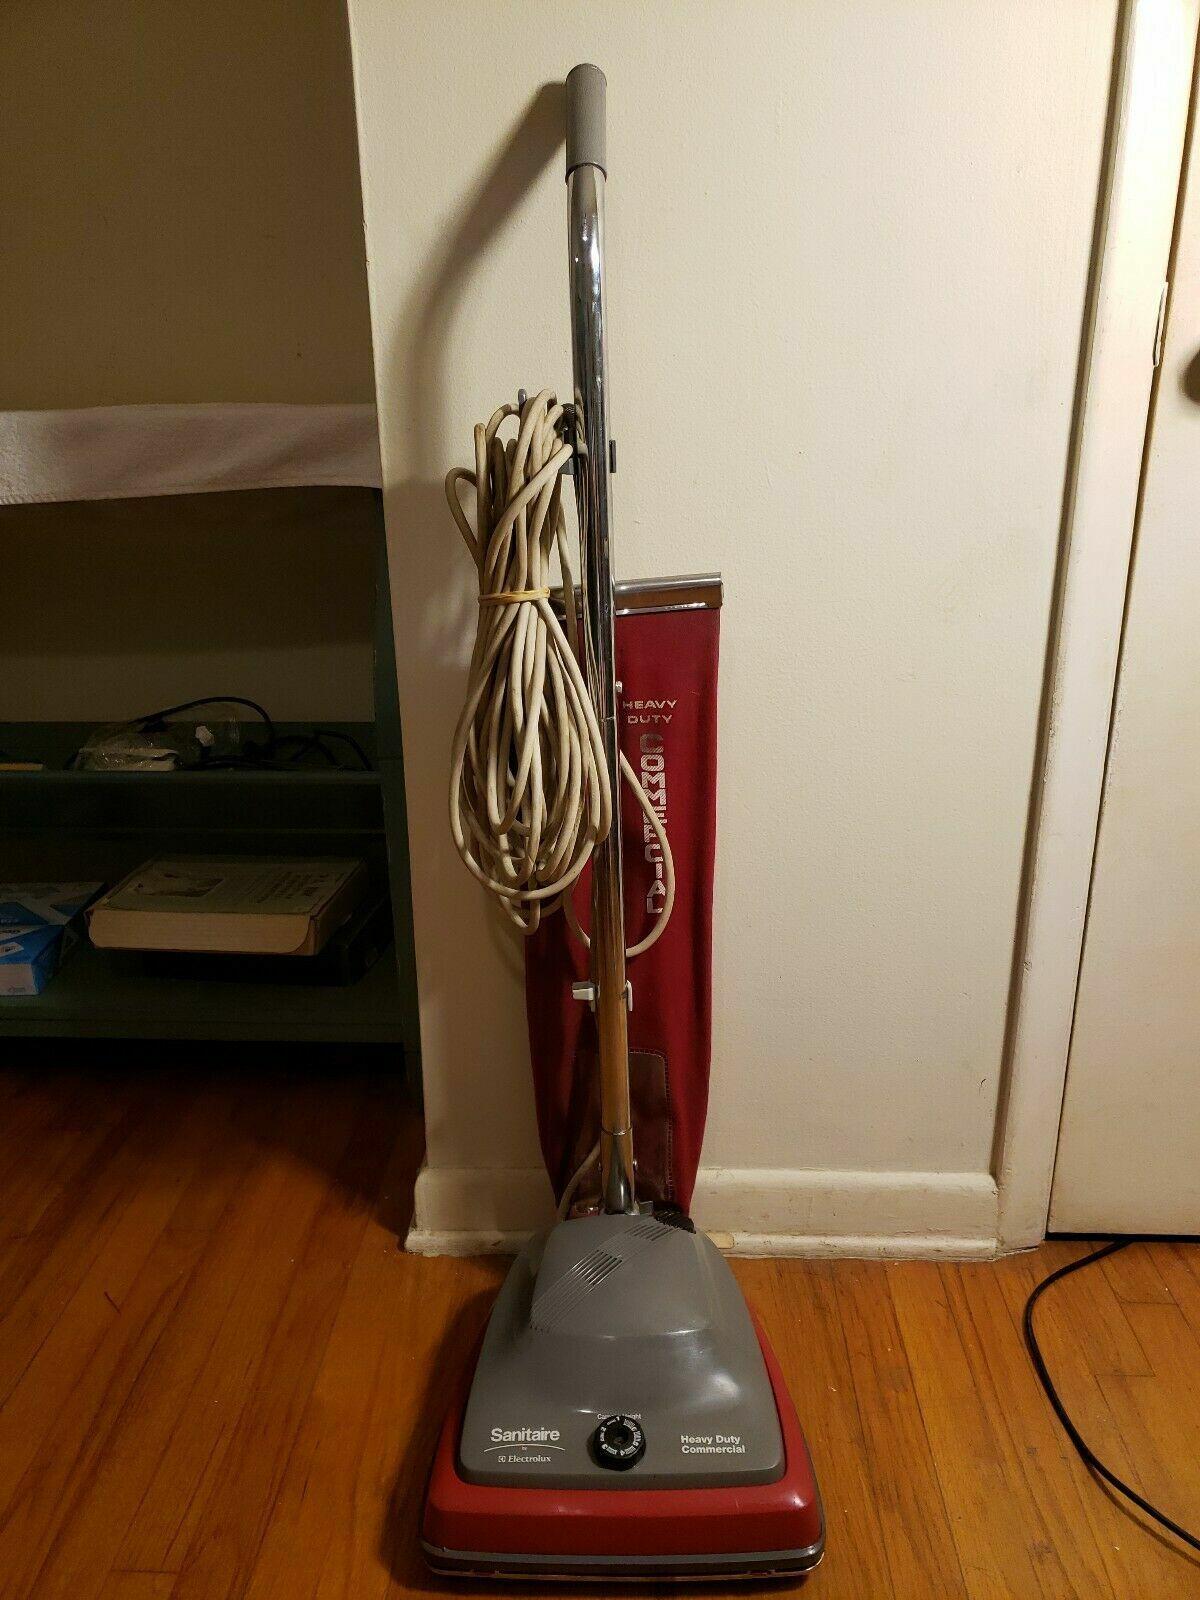 Sanitaire Sc684f Upright Vacuum Cleaner